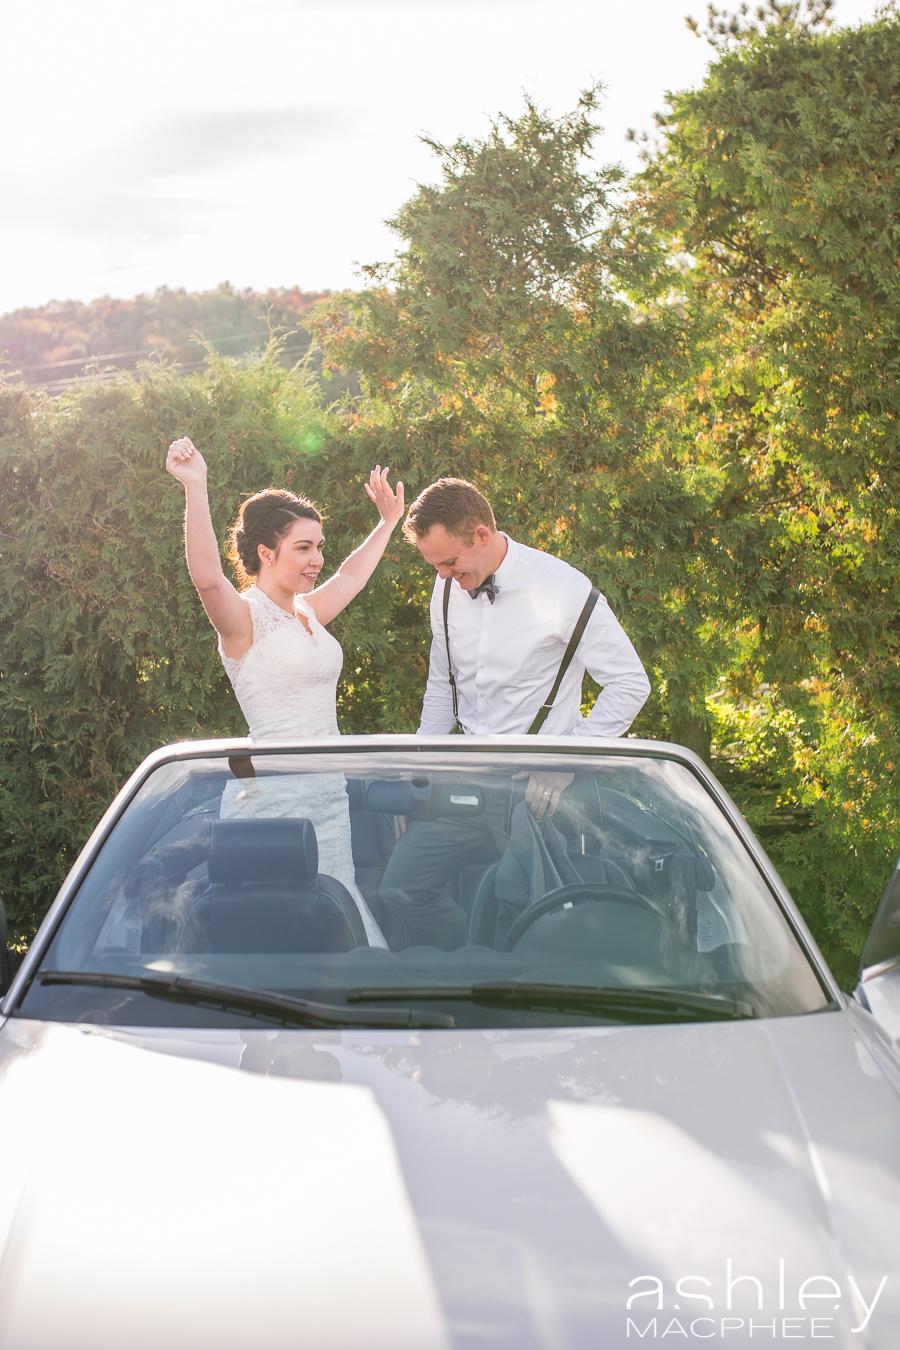 Ashley MacPhee Photography Mont Tremblant Wedding Photographer (55 of 92).jpg